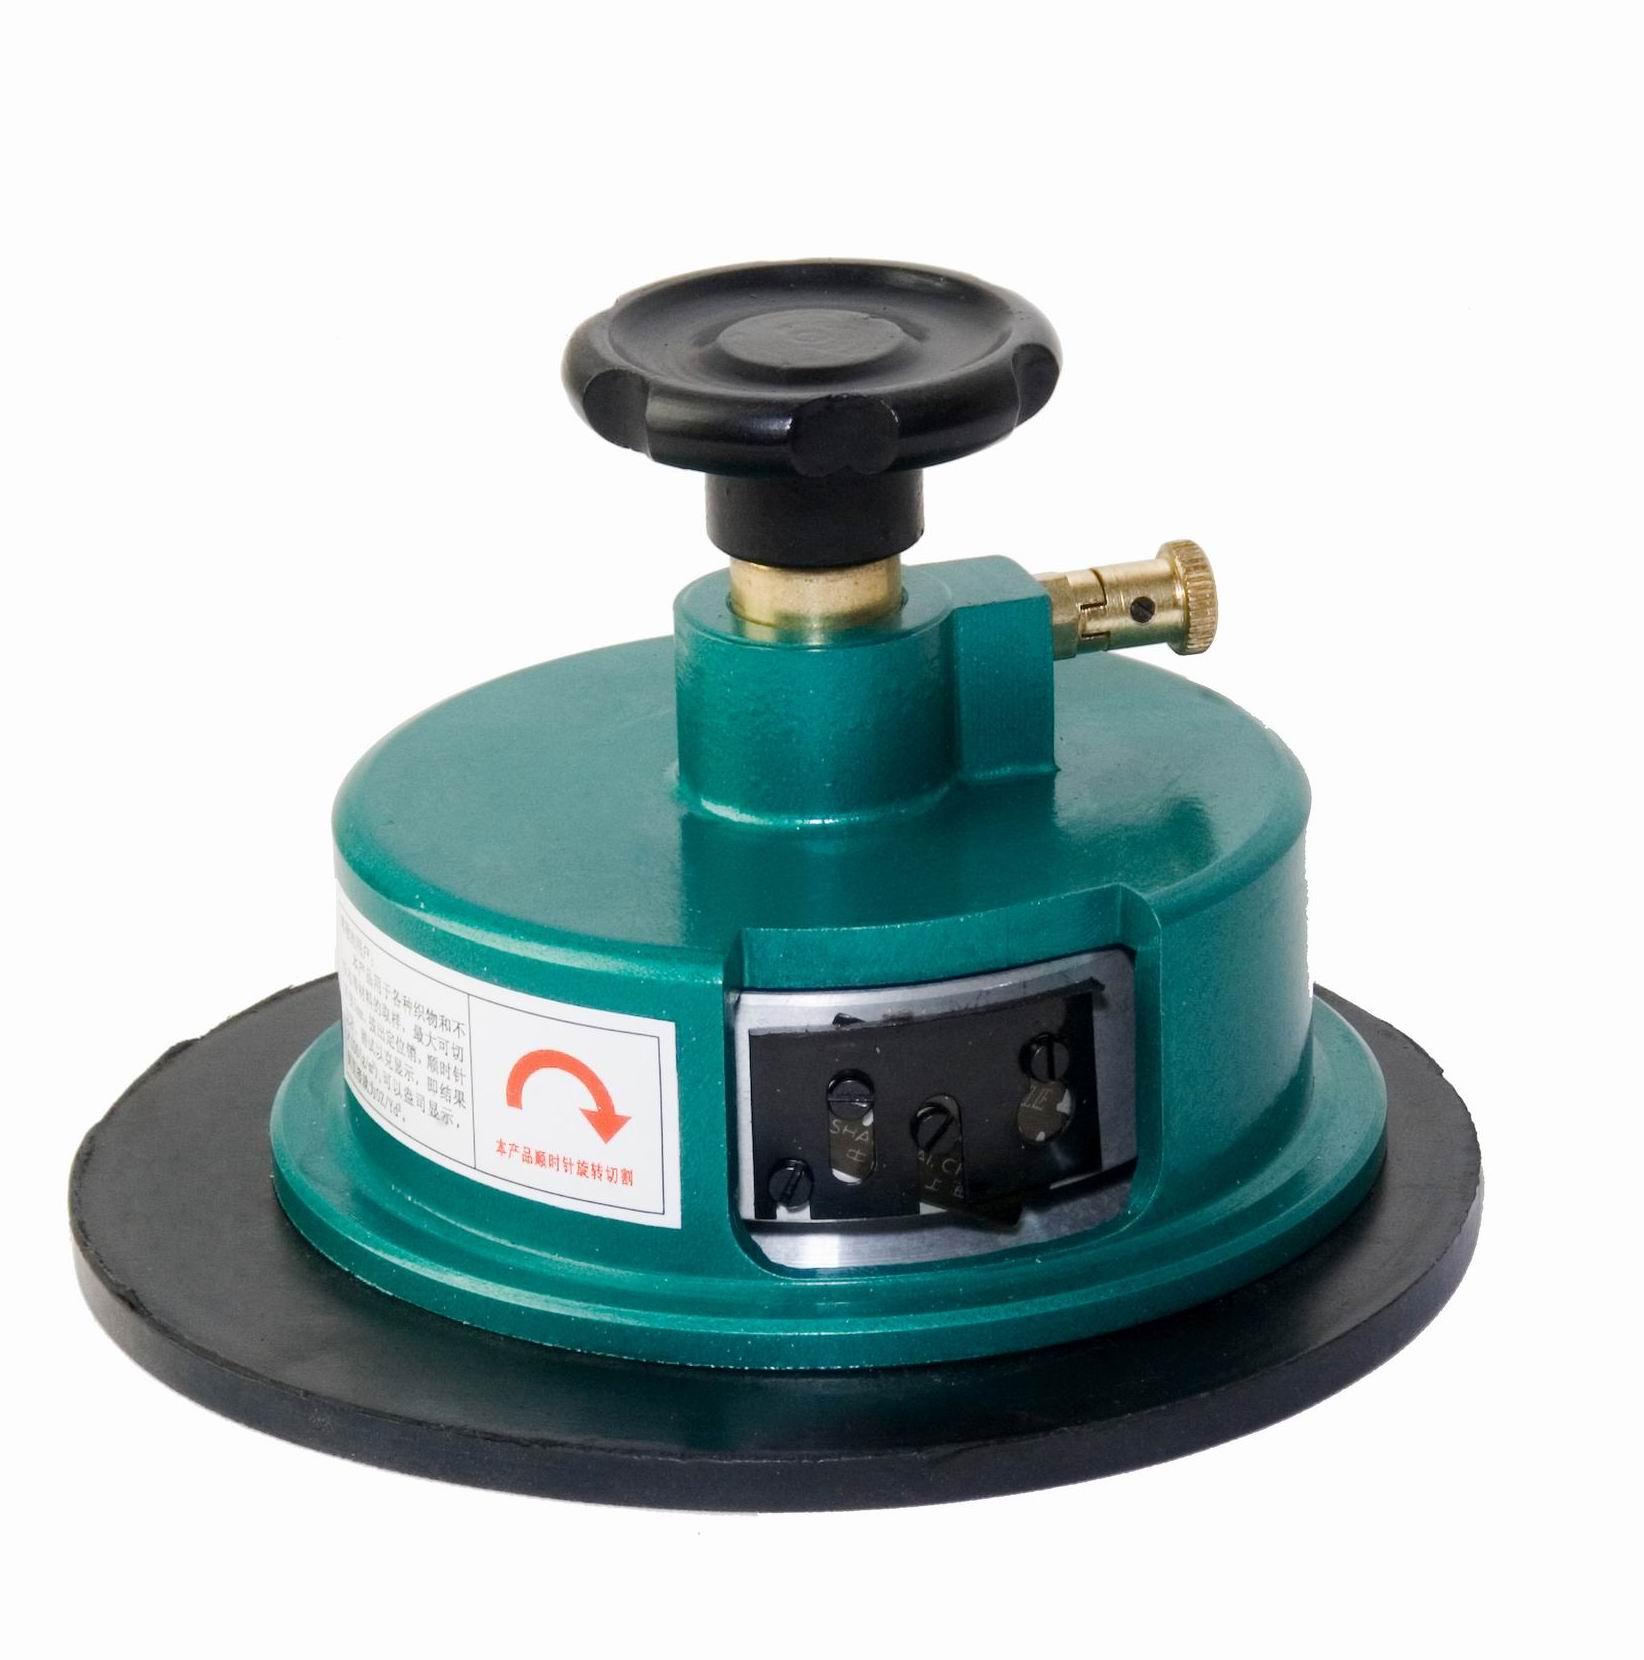 HT Q 克重取样器 手压取样刀 天平取样机 手压式刻布机